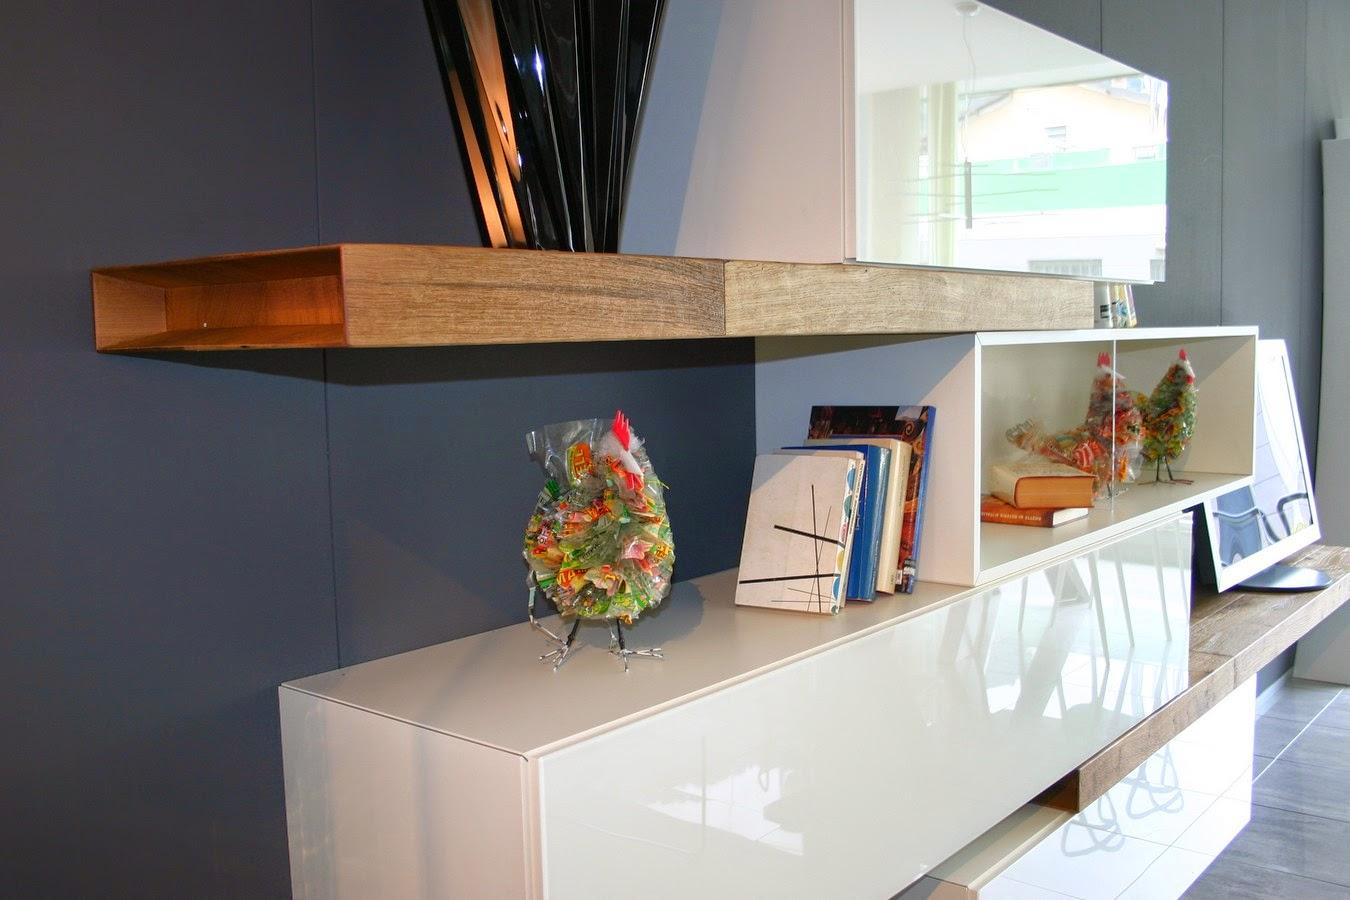 Soggiorni e salotti moderni arredo per la tua casa for Mobile angolare